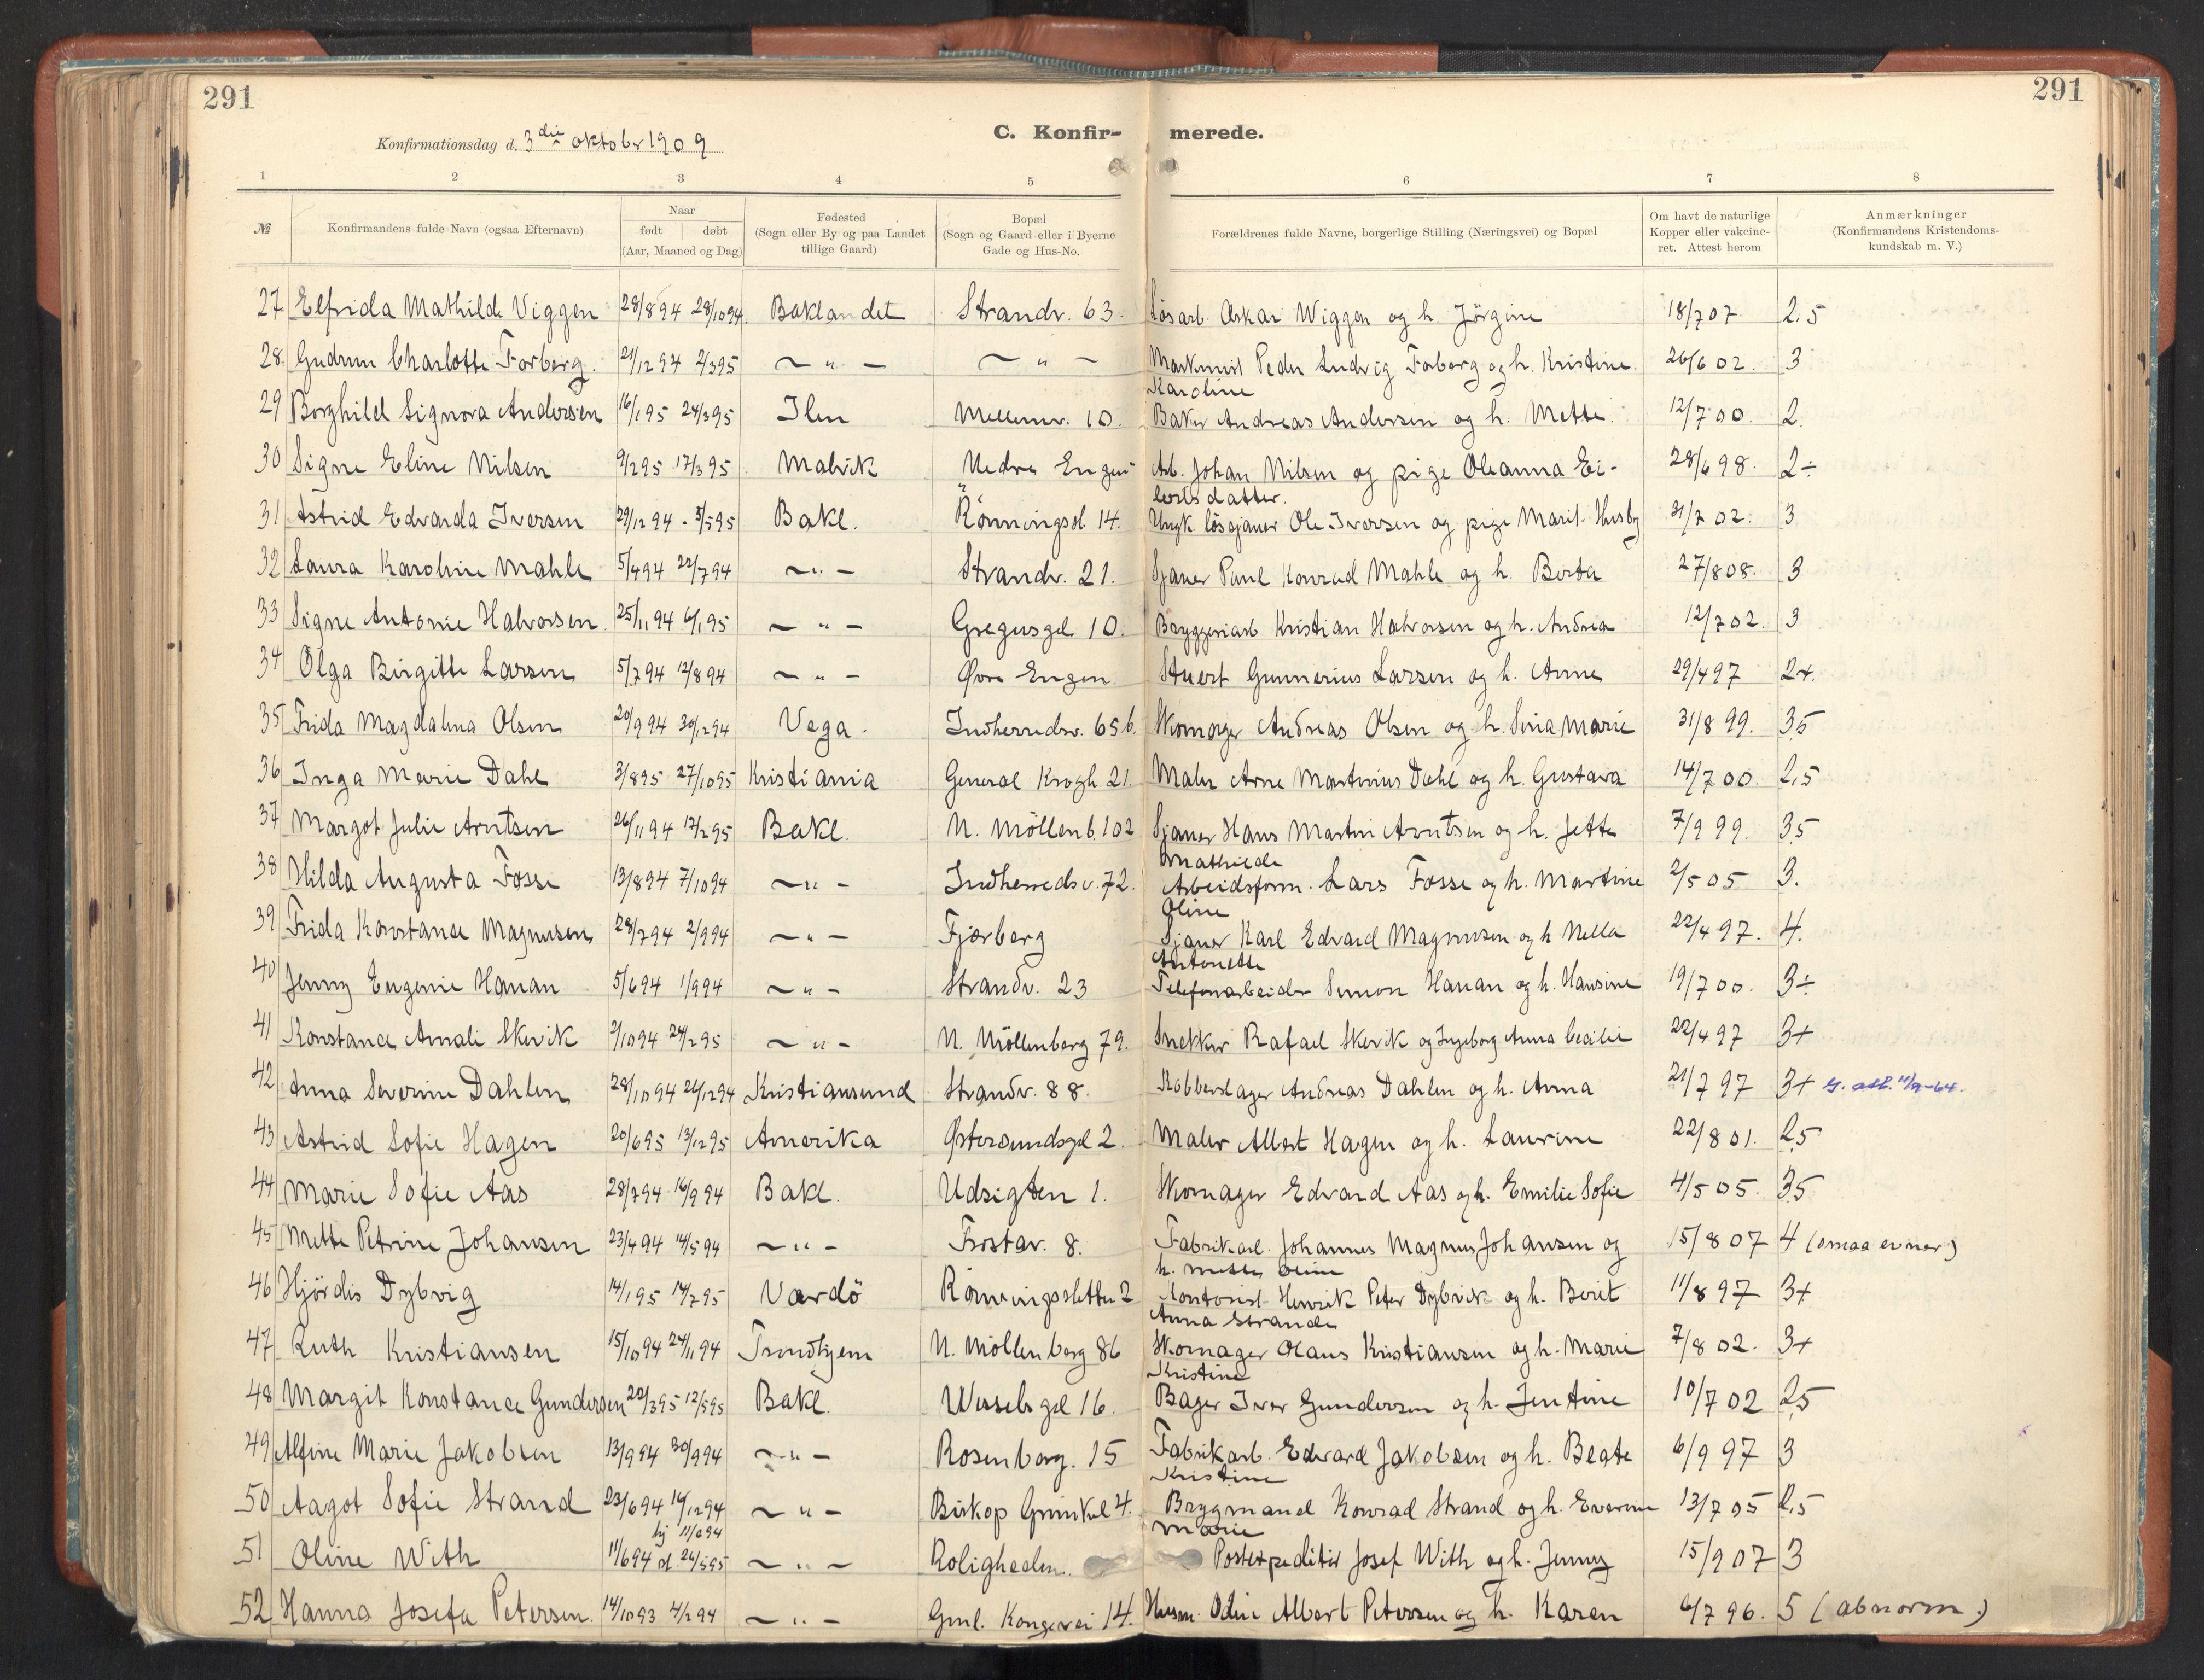 SAT, Ministerialprotokoller, klokkerbøker og fødselsregistre - Sør-Trøndelag, 605/L0243: Ministerialbok nr. 605A05, 1908-1923, s. 291